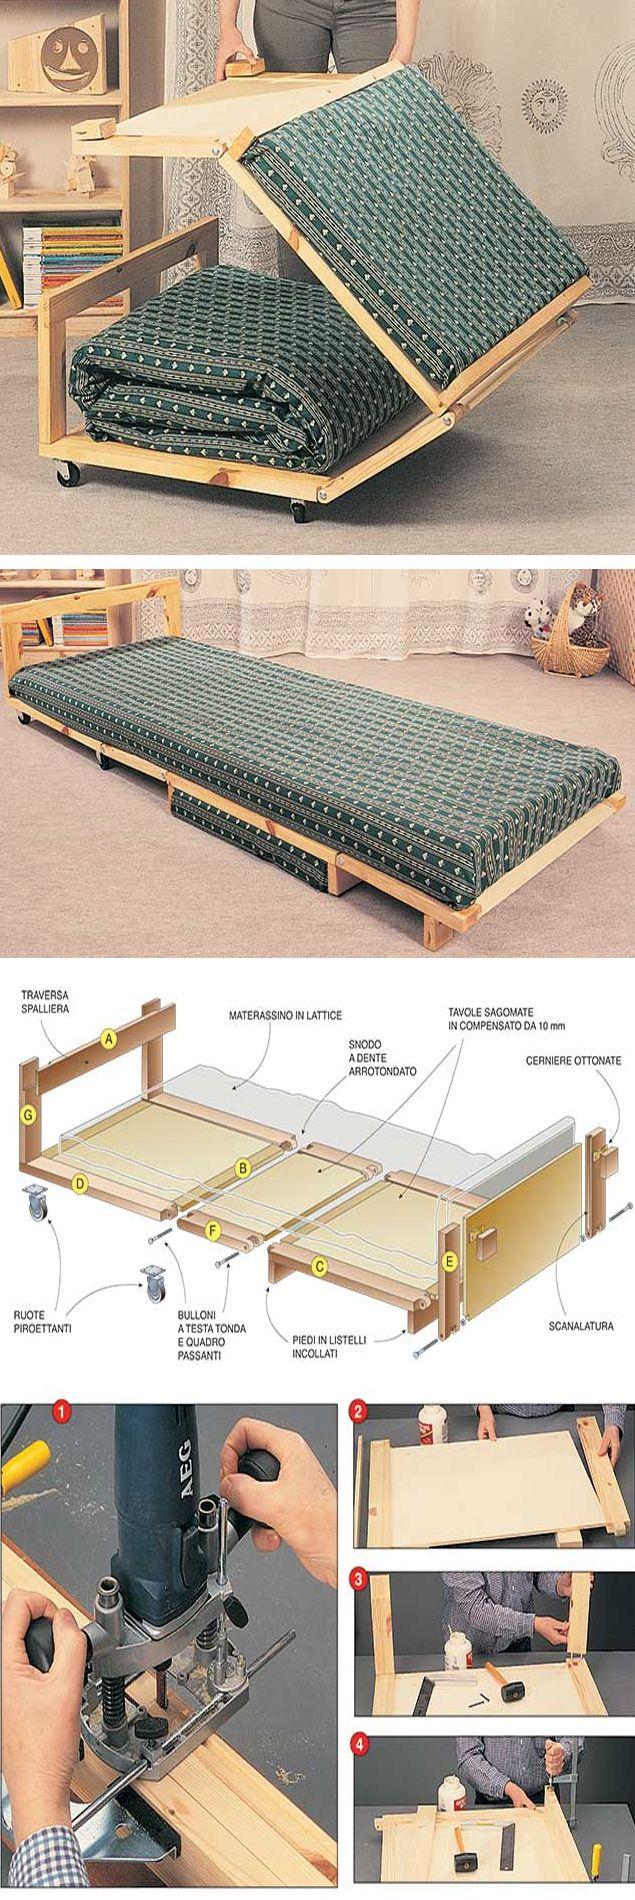 Un letto pouf #faidate, #salvaspazio e pratico | #diy bed